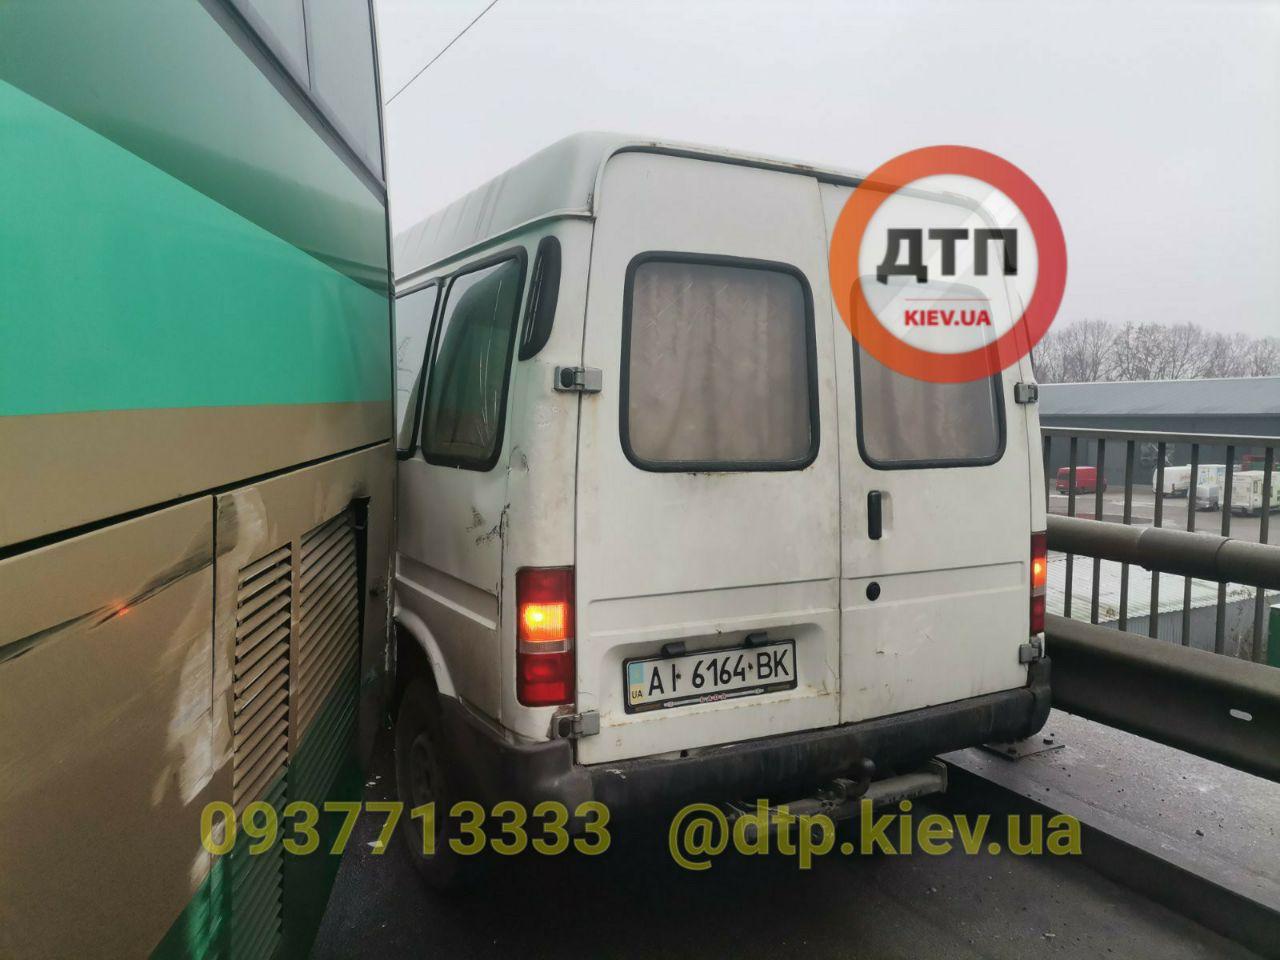 ДТП під Києвом: зіткнулися дев'ять автомобілів (ФОТО)